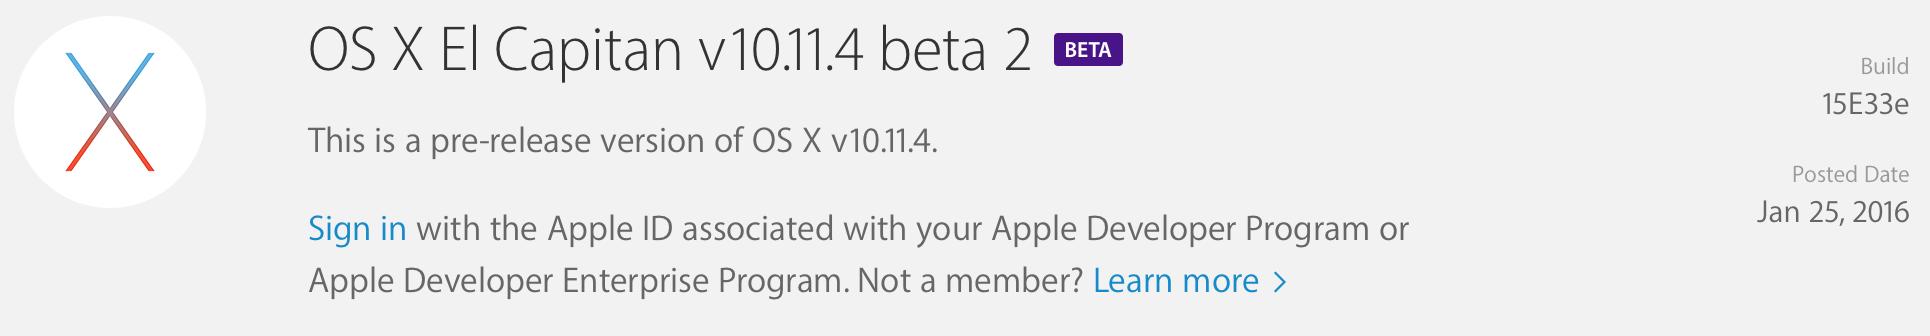 OS X Beta-Release-bildschirmfoto-2016-01-26-um-16.54.14.png